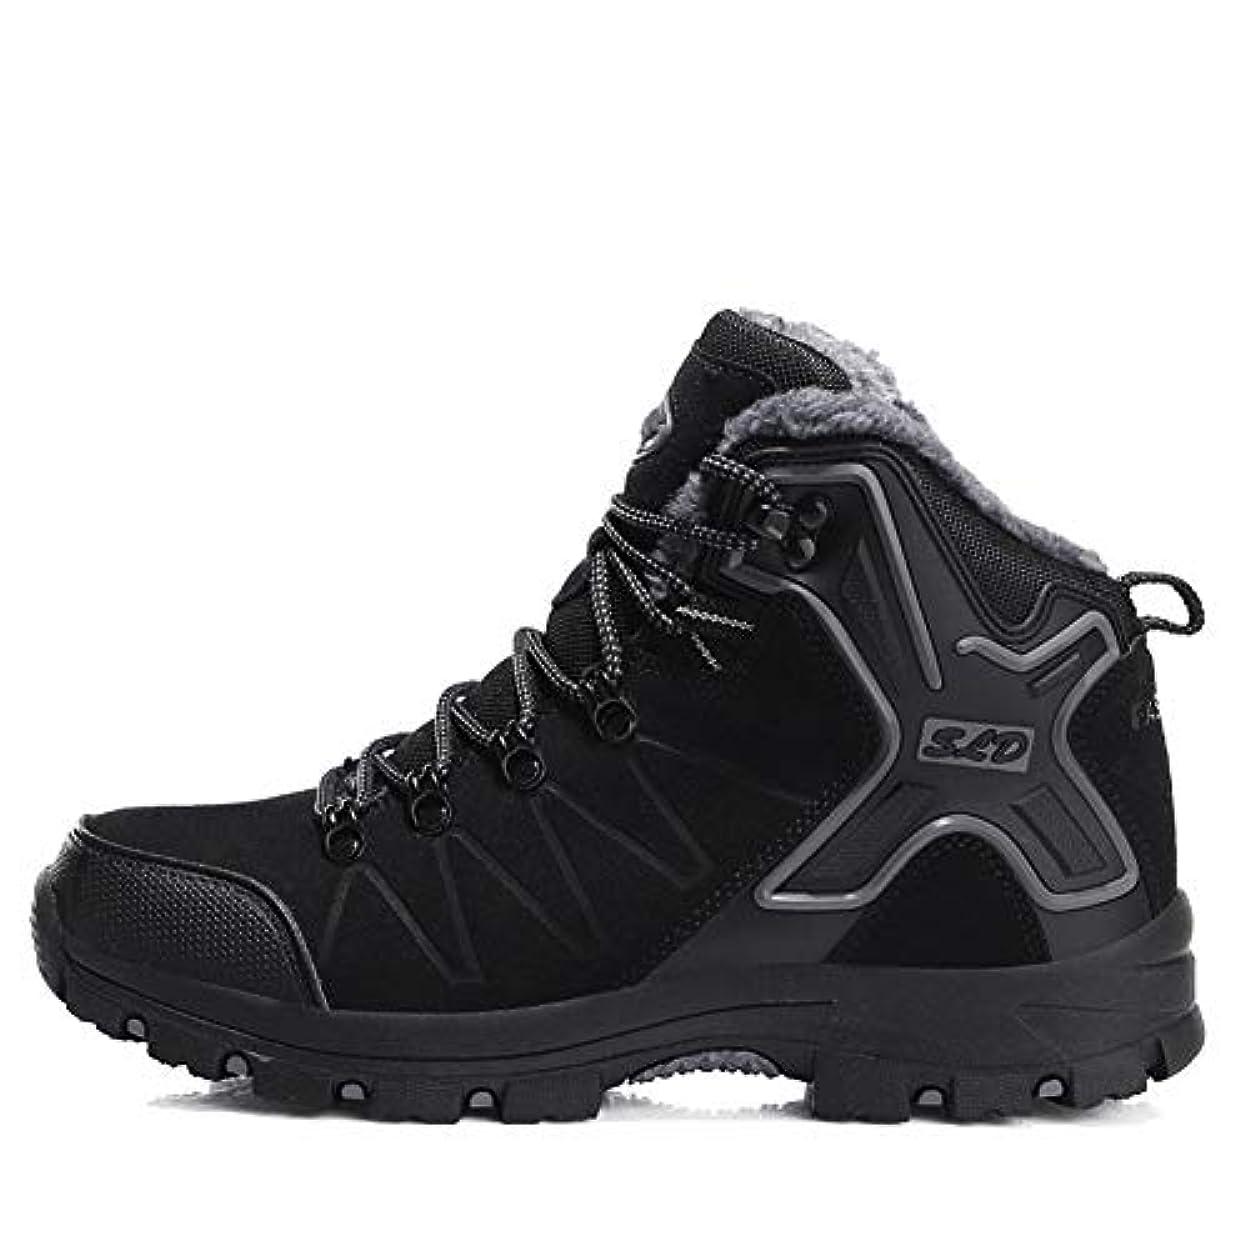 コンクリート設計図合意[TcIFE] トレッキングシューズ メンズ 防水 防滑 ハイカット 登山靴 大きいサイズ ハイキングシューズ メンズ 耐磨耗 ハイキングシューズ メンズ 通気性 スニーカー